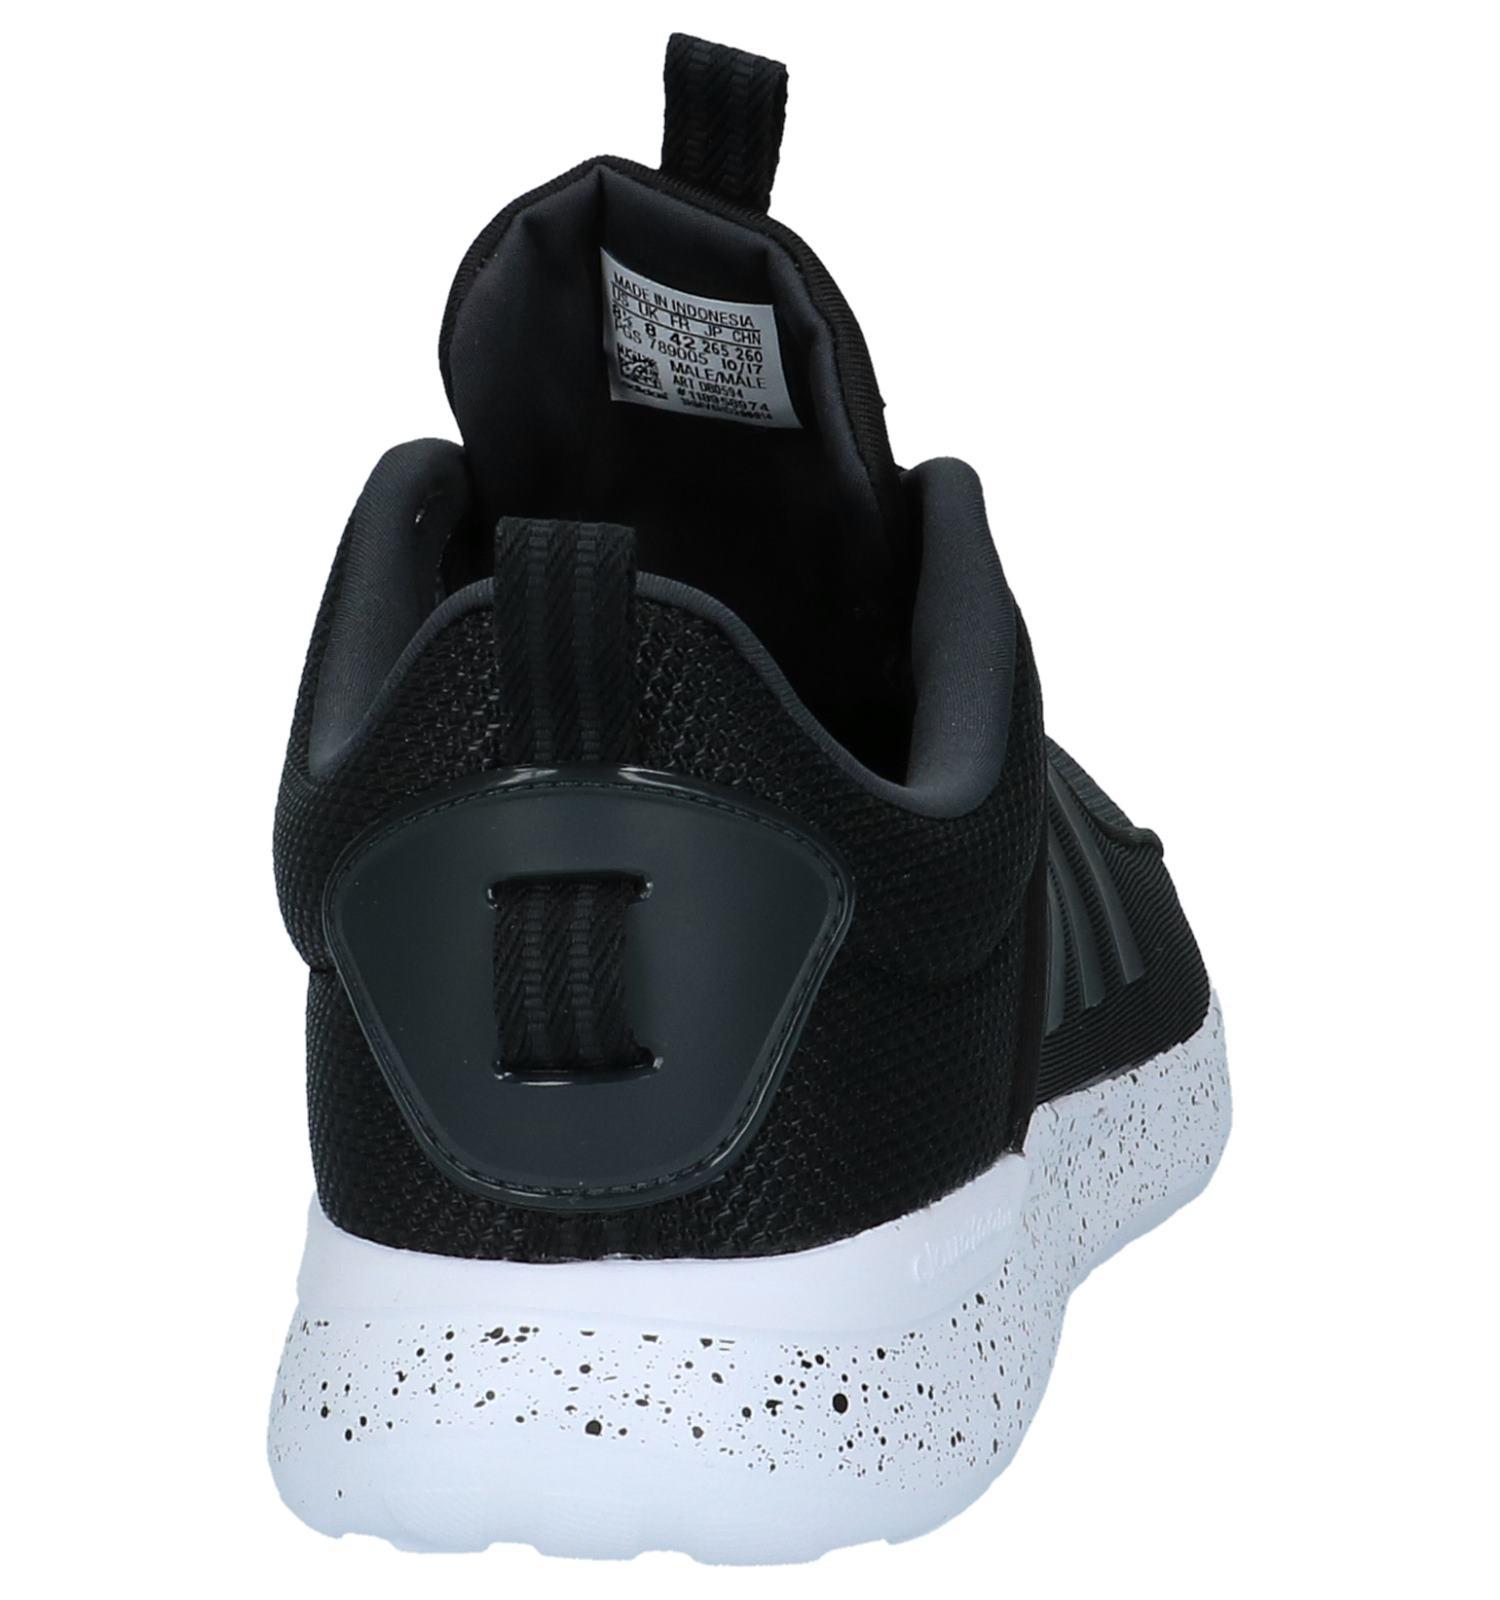 hot sales 47c87 b6d09 Zwarte Runner Sneakers adidas Cloudfoam Lite Racer  TORFS.BE  Gratis  verzend en retour